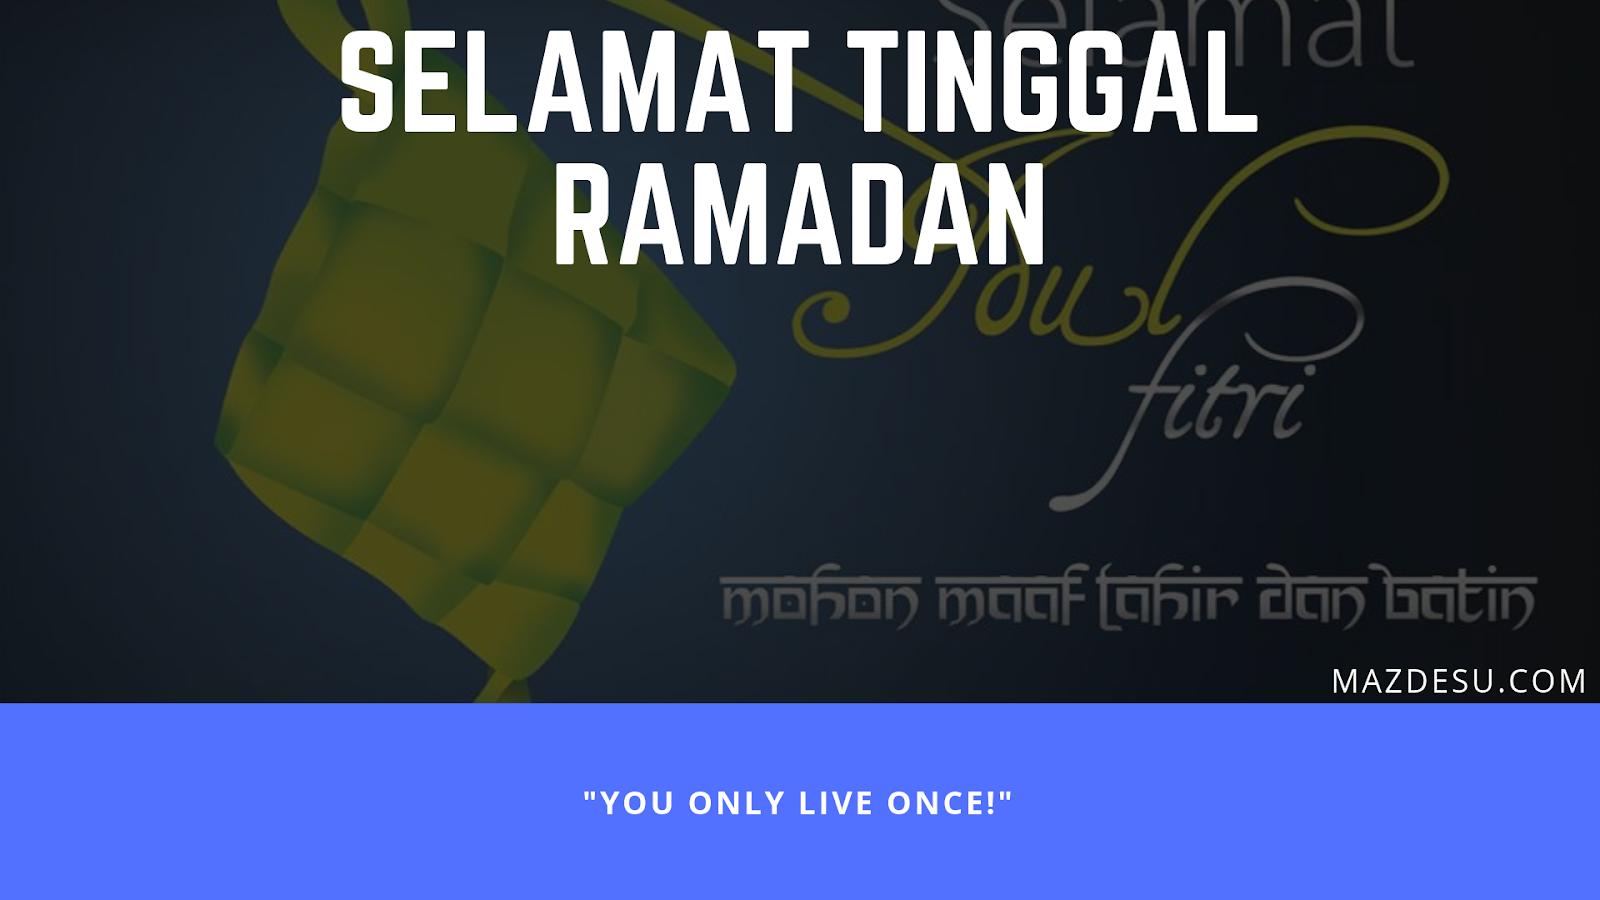 Selamat Tinggal Ramadan, Selamat Datang Kemenangan